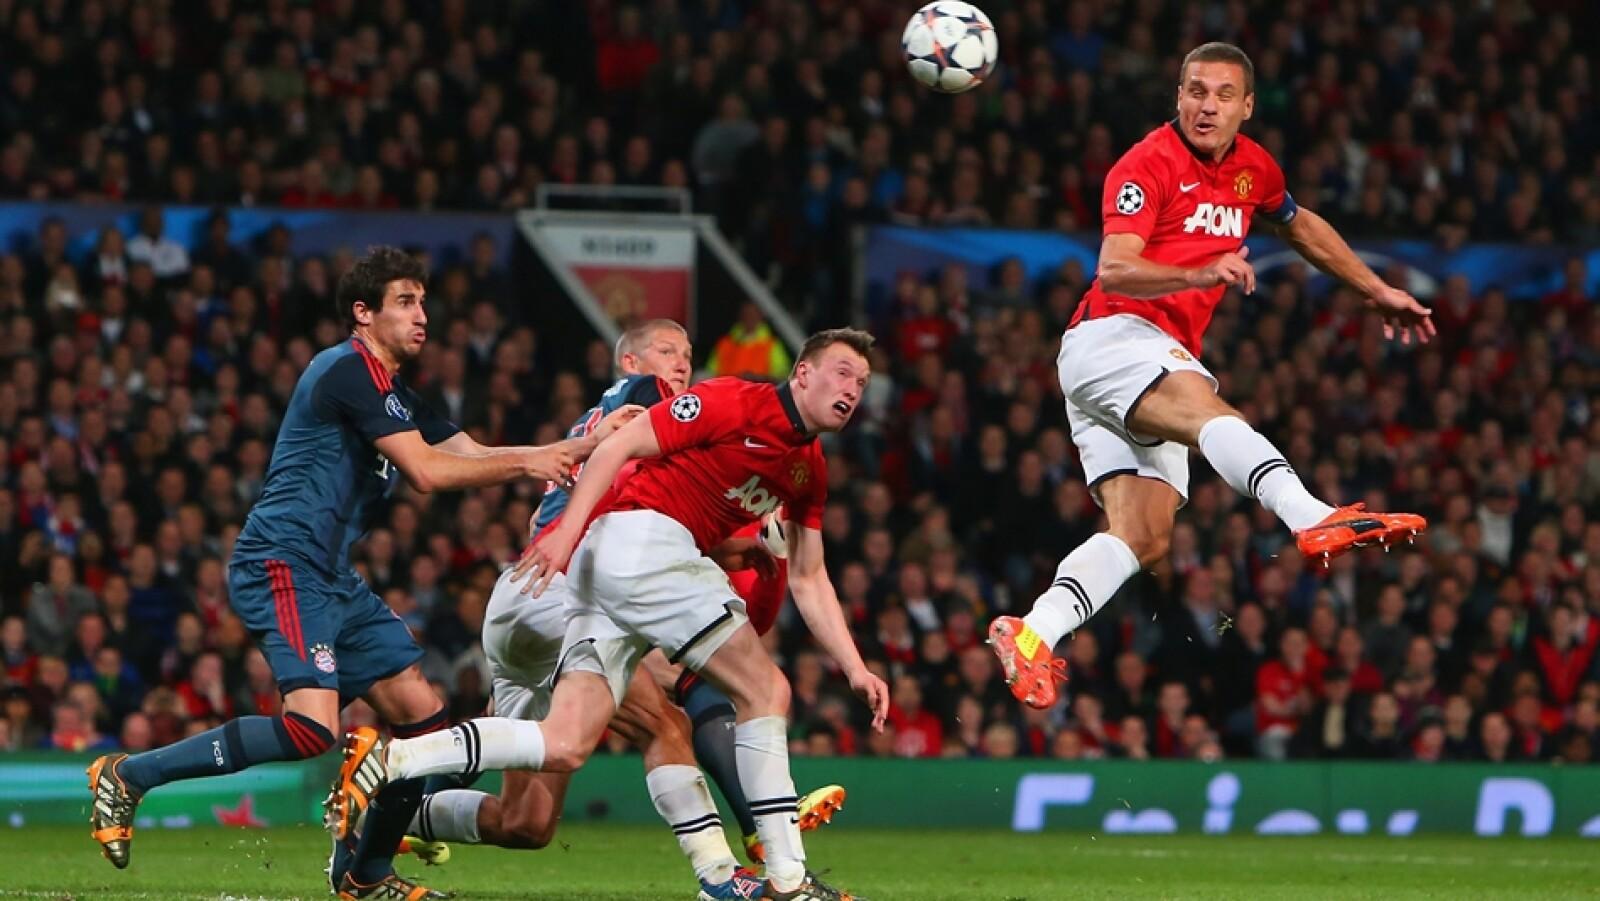 El serbio Nemanja Vidic  del Manchester United remata un balón en el área